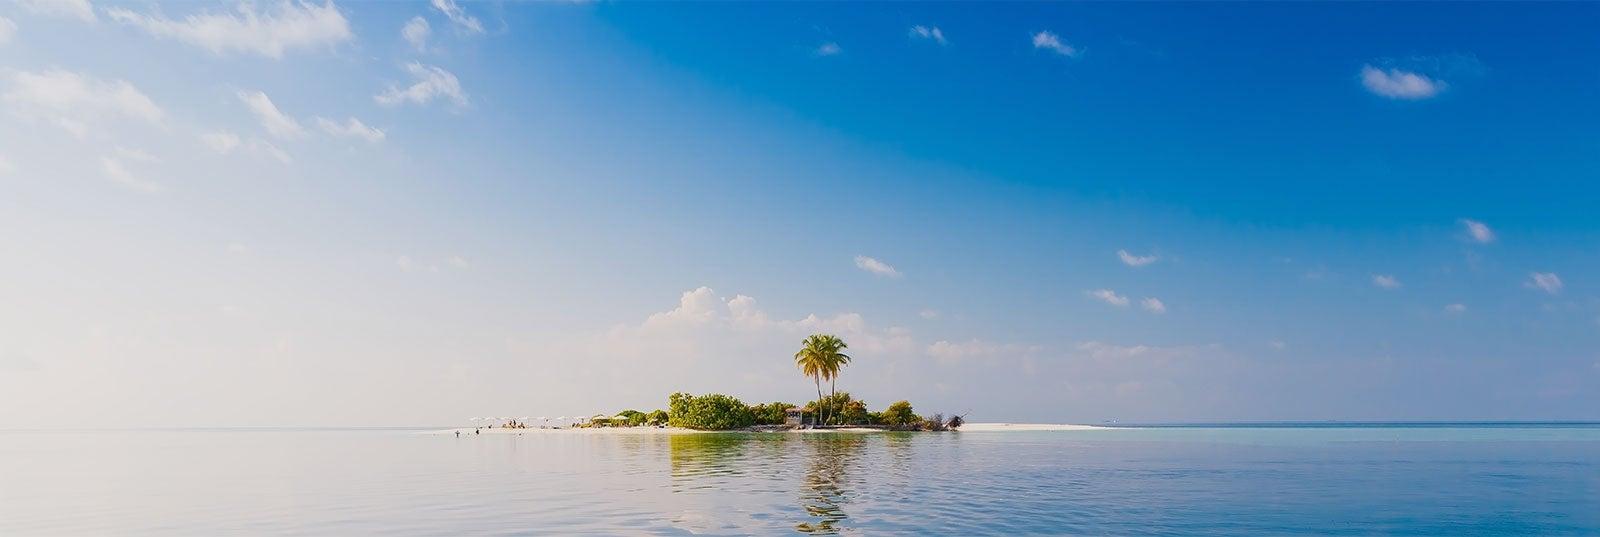 Guía turística de Maldivas